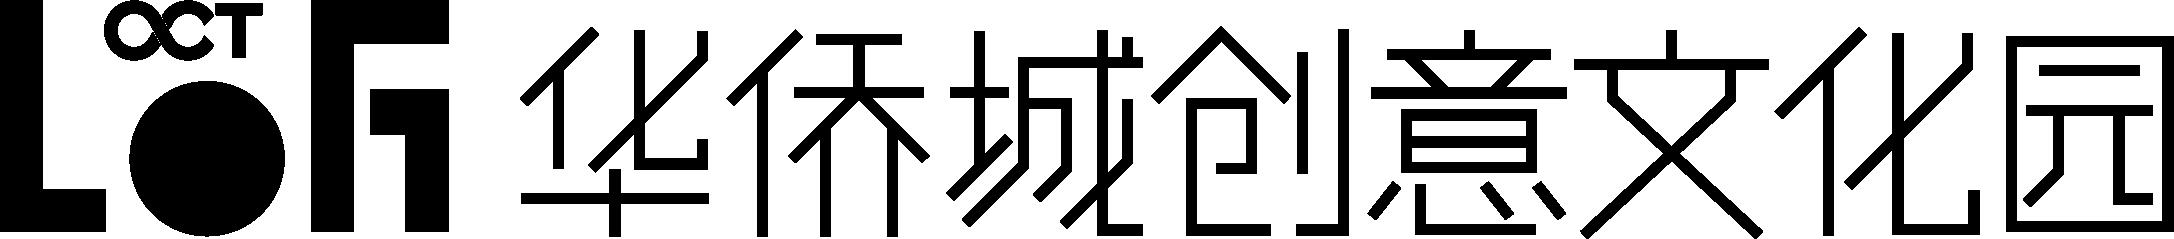 返场七十二小时丨摇滚IZ乐队:闪电来的人 摇滚 乐队 闪电 rock 马木尔 Mamer 贝斯 人声 Vocals 夏力哈尔 崇真艺客